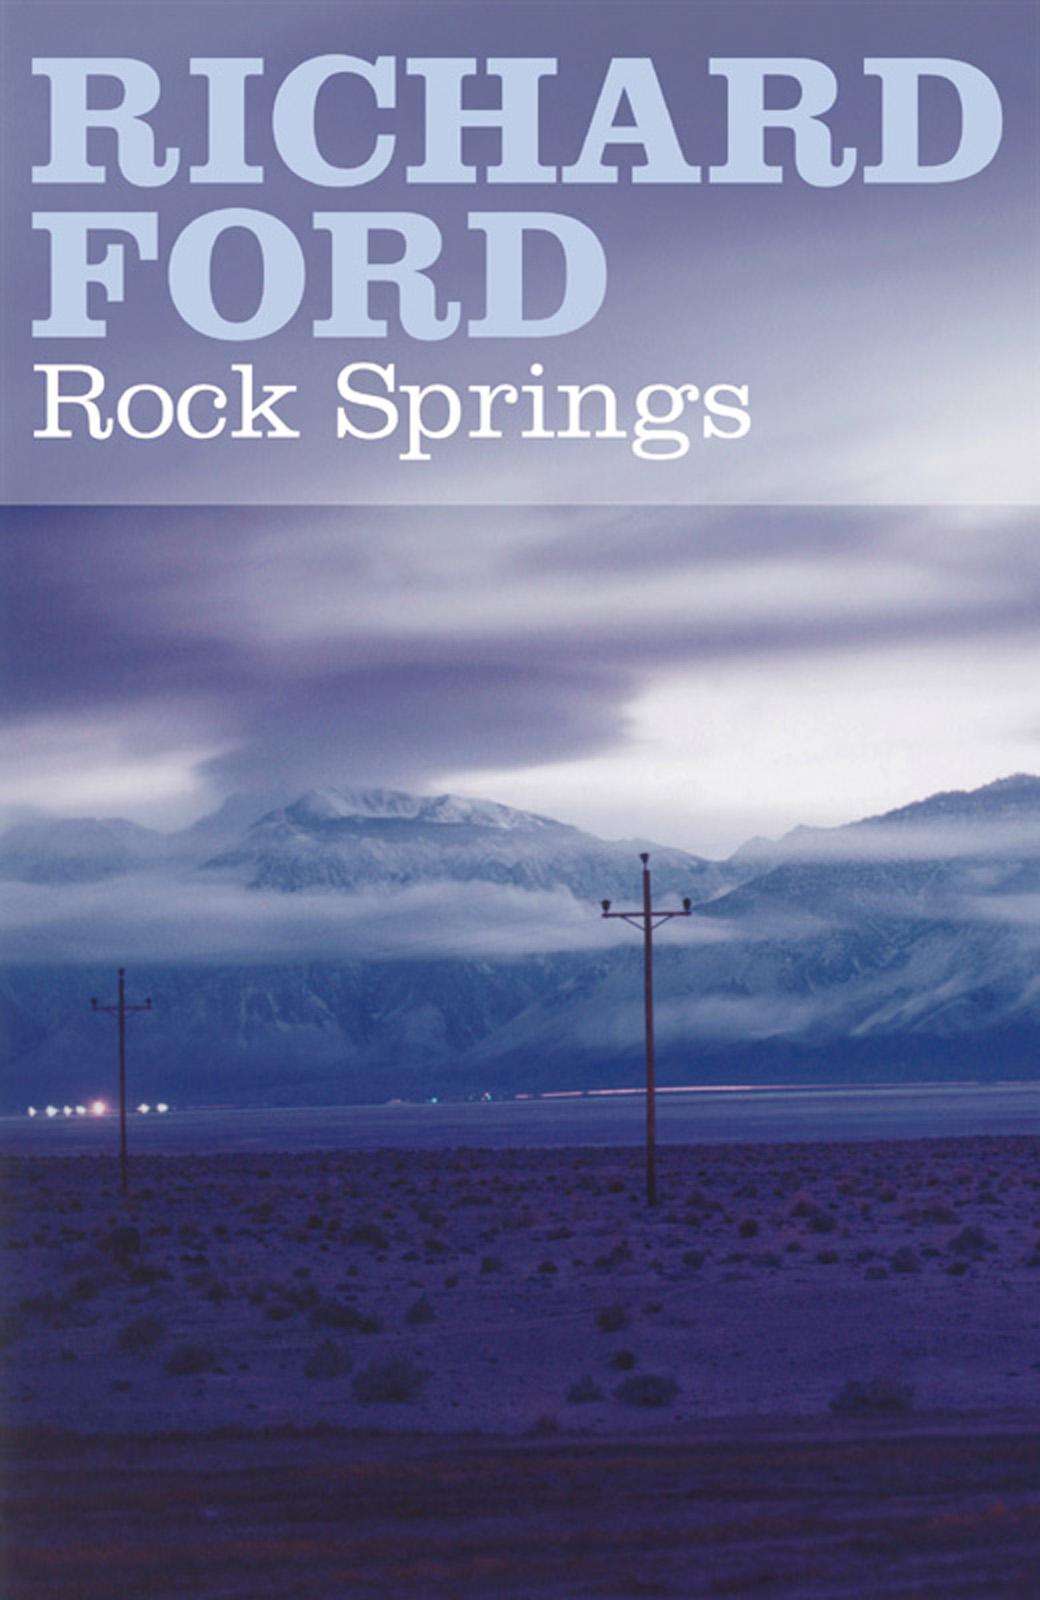 Ричард Форд: Rock Springs